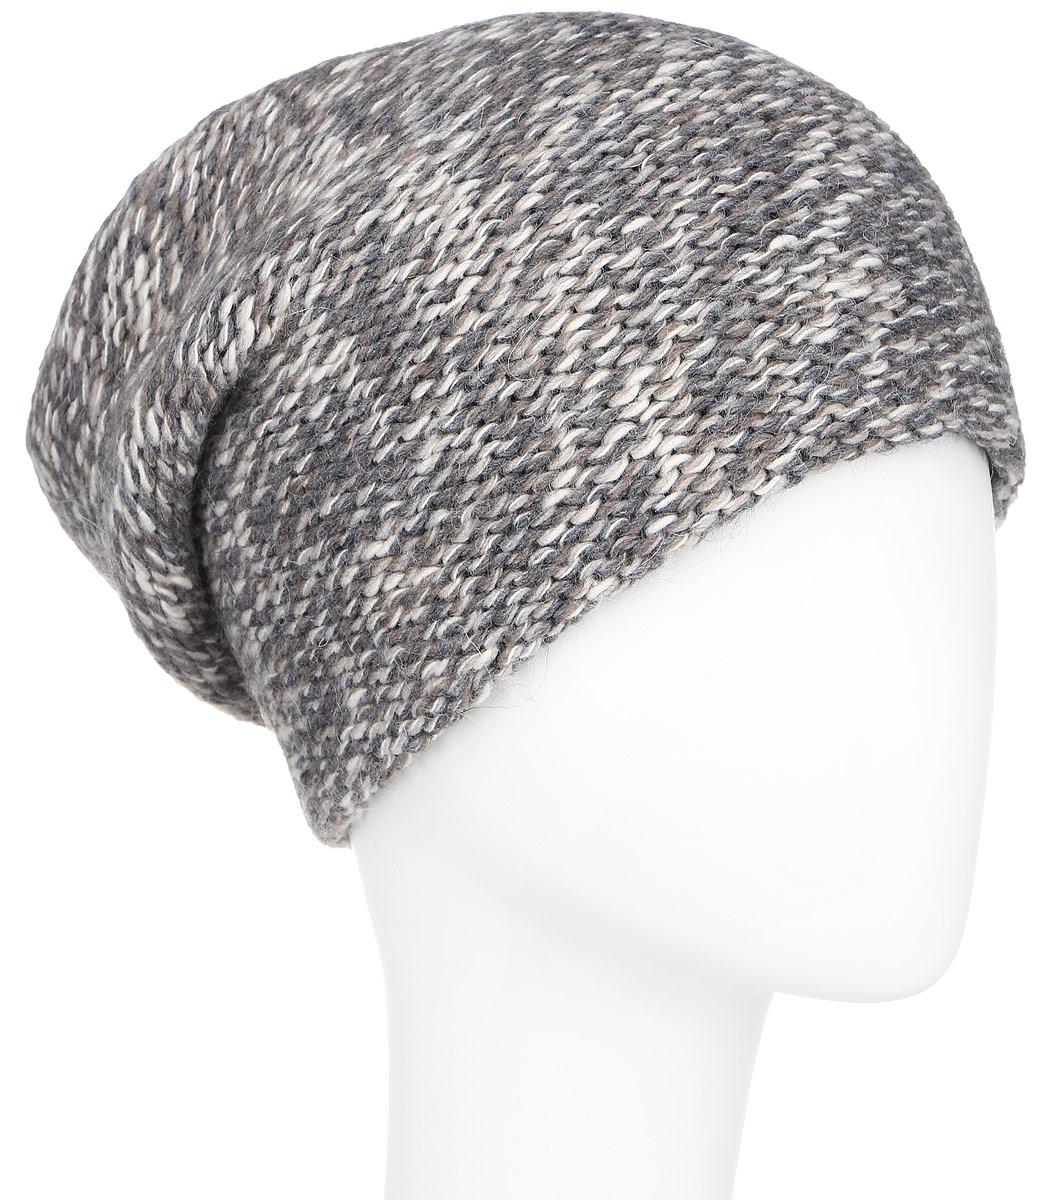 ШапкаA16-12134_138Стильная женская шапка Finn Flare дополнит ваш наряд и не позволит вам замерзнуть в холодное время года. Шапка выполнена из высококачественной комбинированной пряжи, что позволяет ей великолепно сохранять тепло и обеспечивает высокую эластичность и удобство посадки. Модель с удлиненной макушкой оформлена металлической эмблемой с логотипом производителя. Такая шапка станет модным и стильным дополнением вашего гардероба. Она согреет вас и позволит подчеркнуть свою индивидуальность!